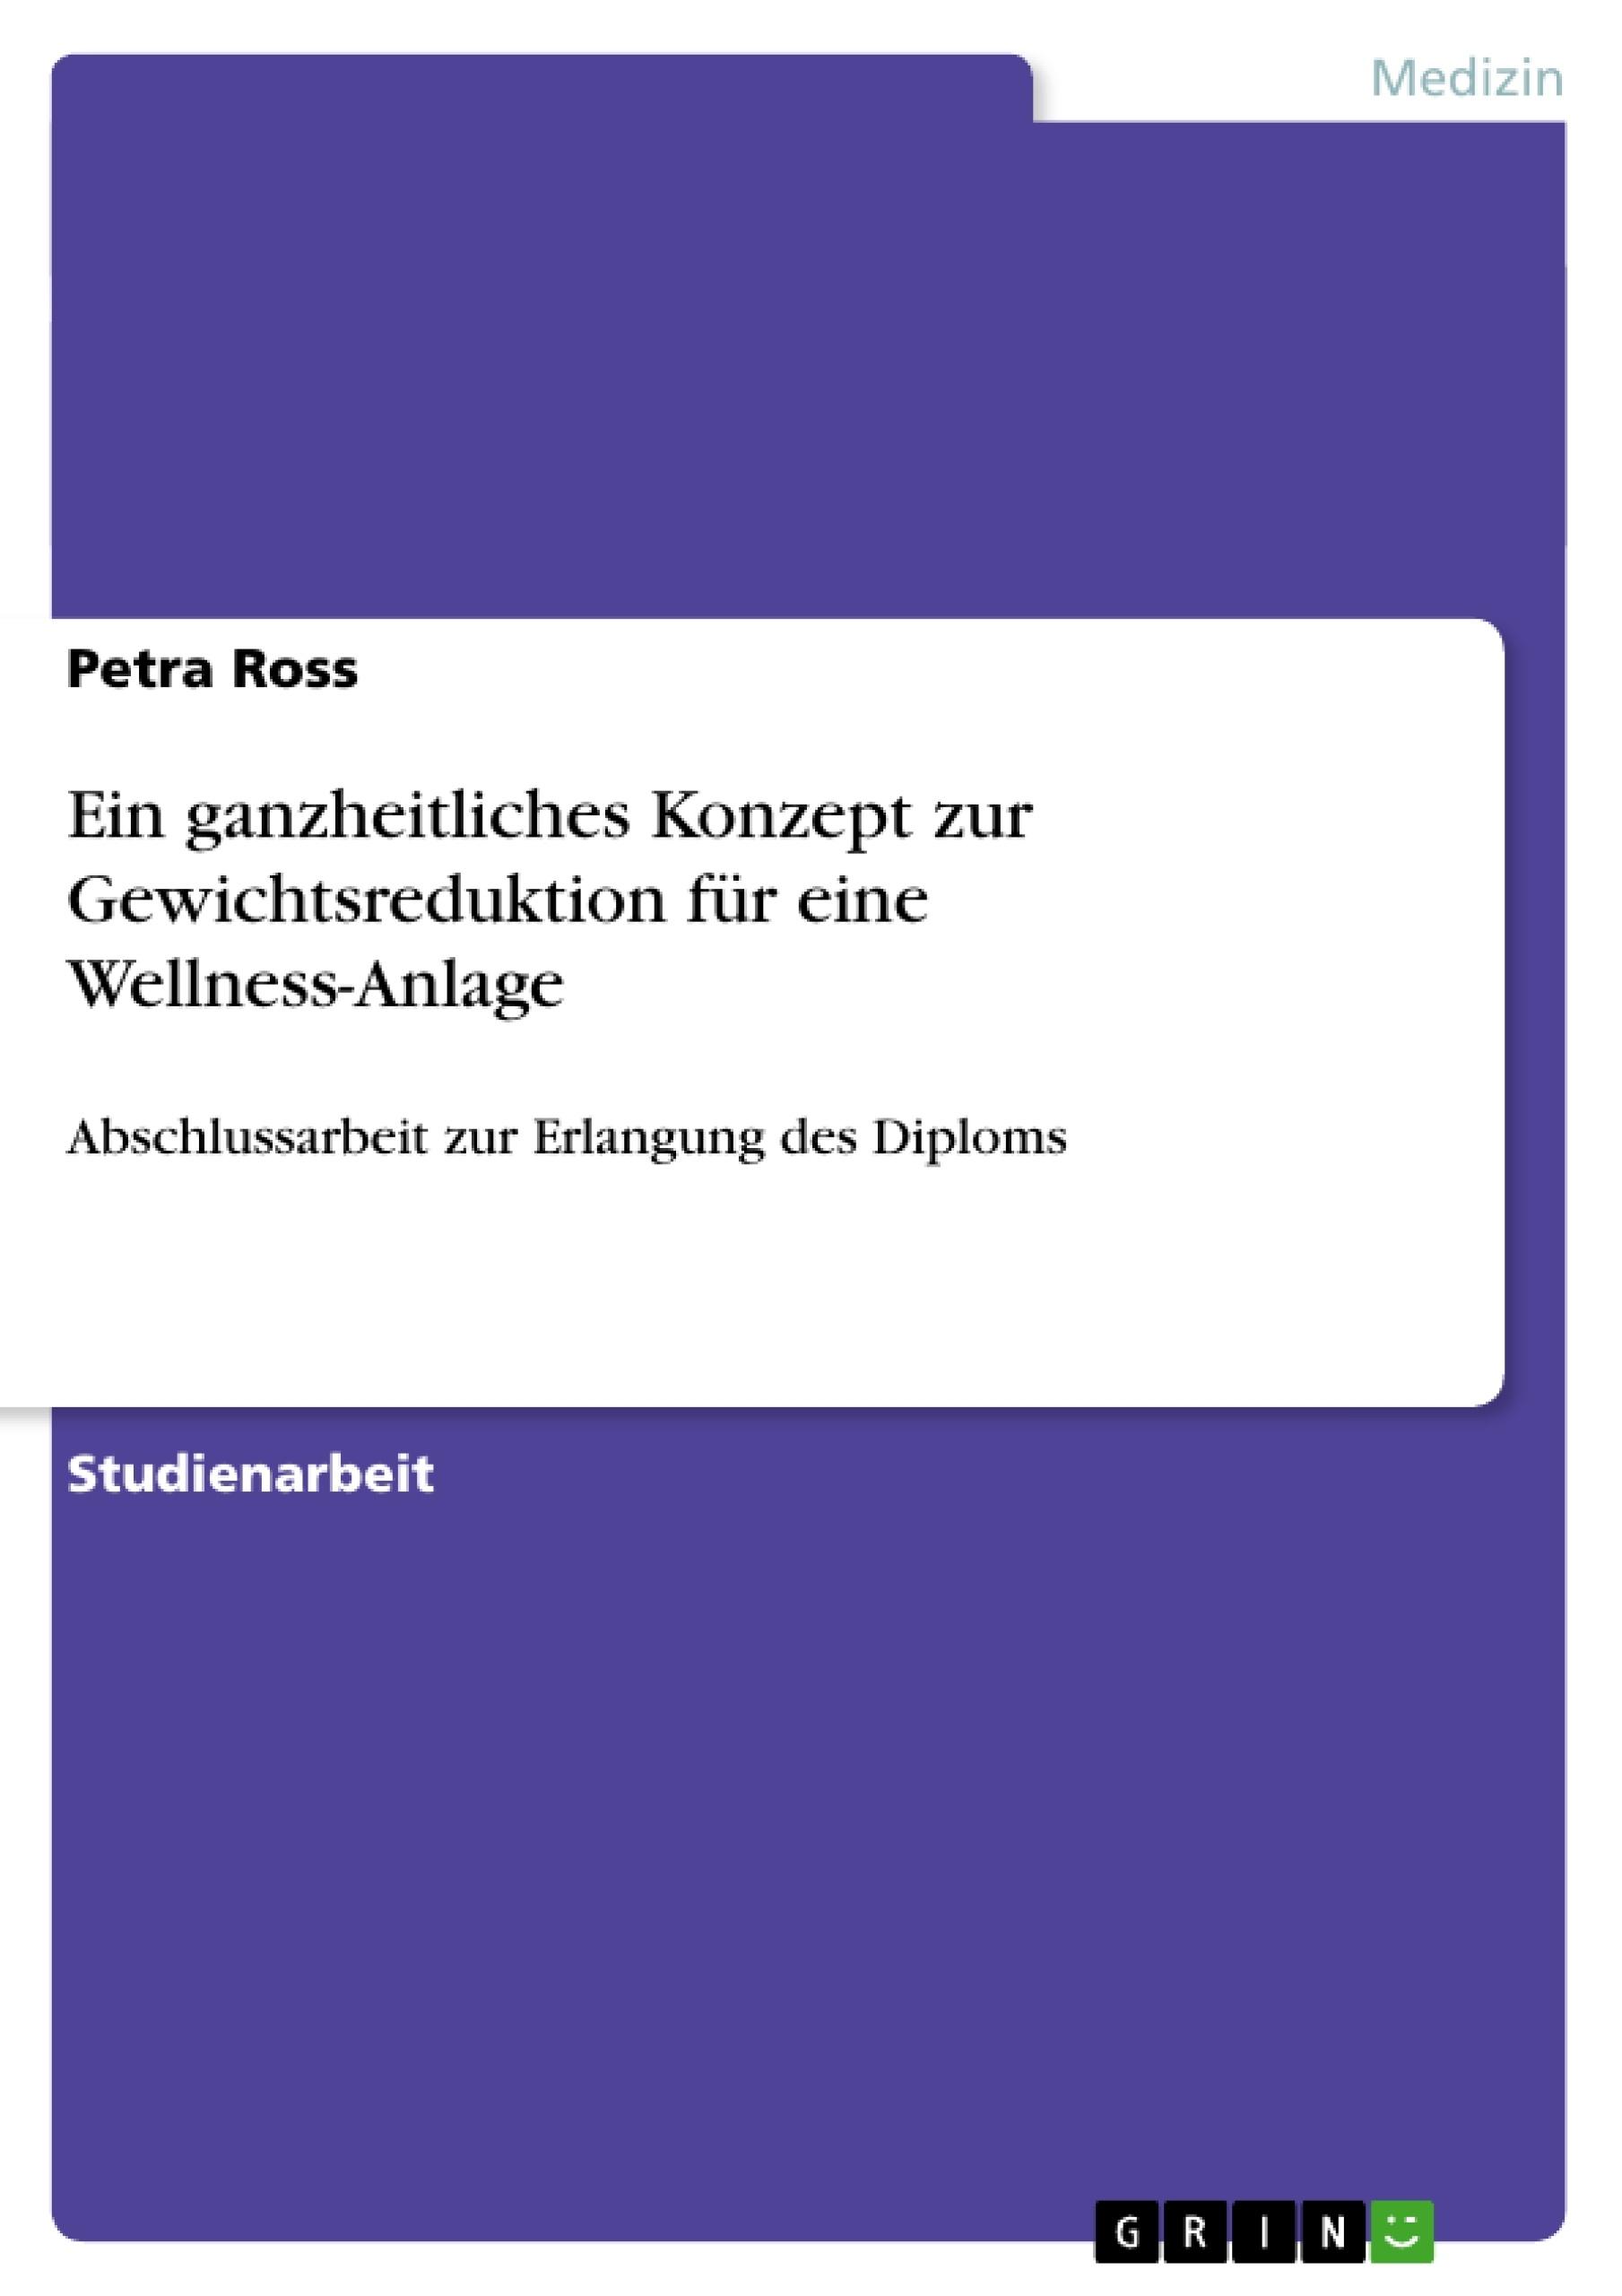 Titel: Ein ganzheitliches Konzept zur Gewichtsreduktion für eine Wellness-Anlage